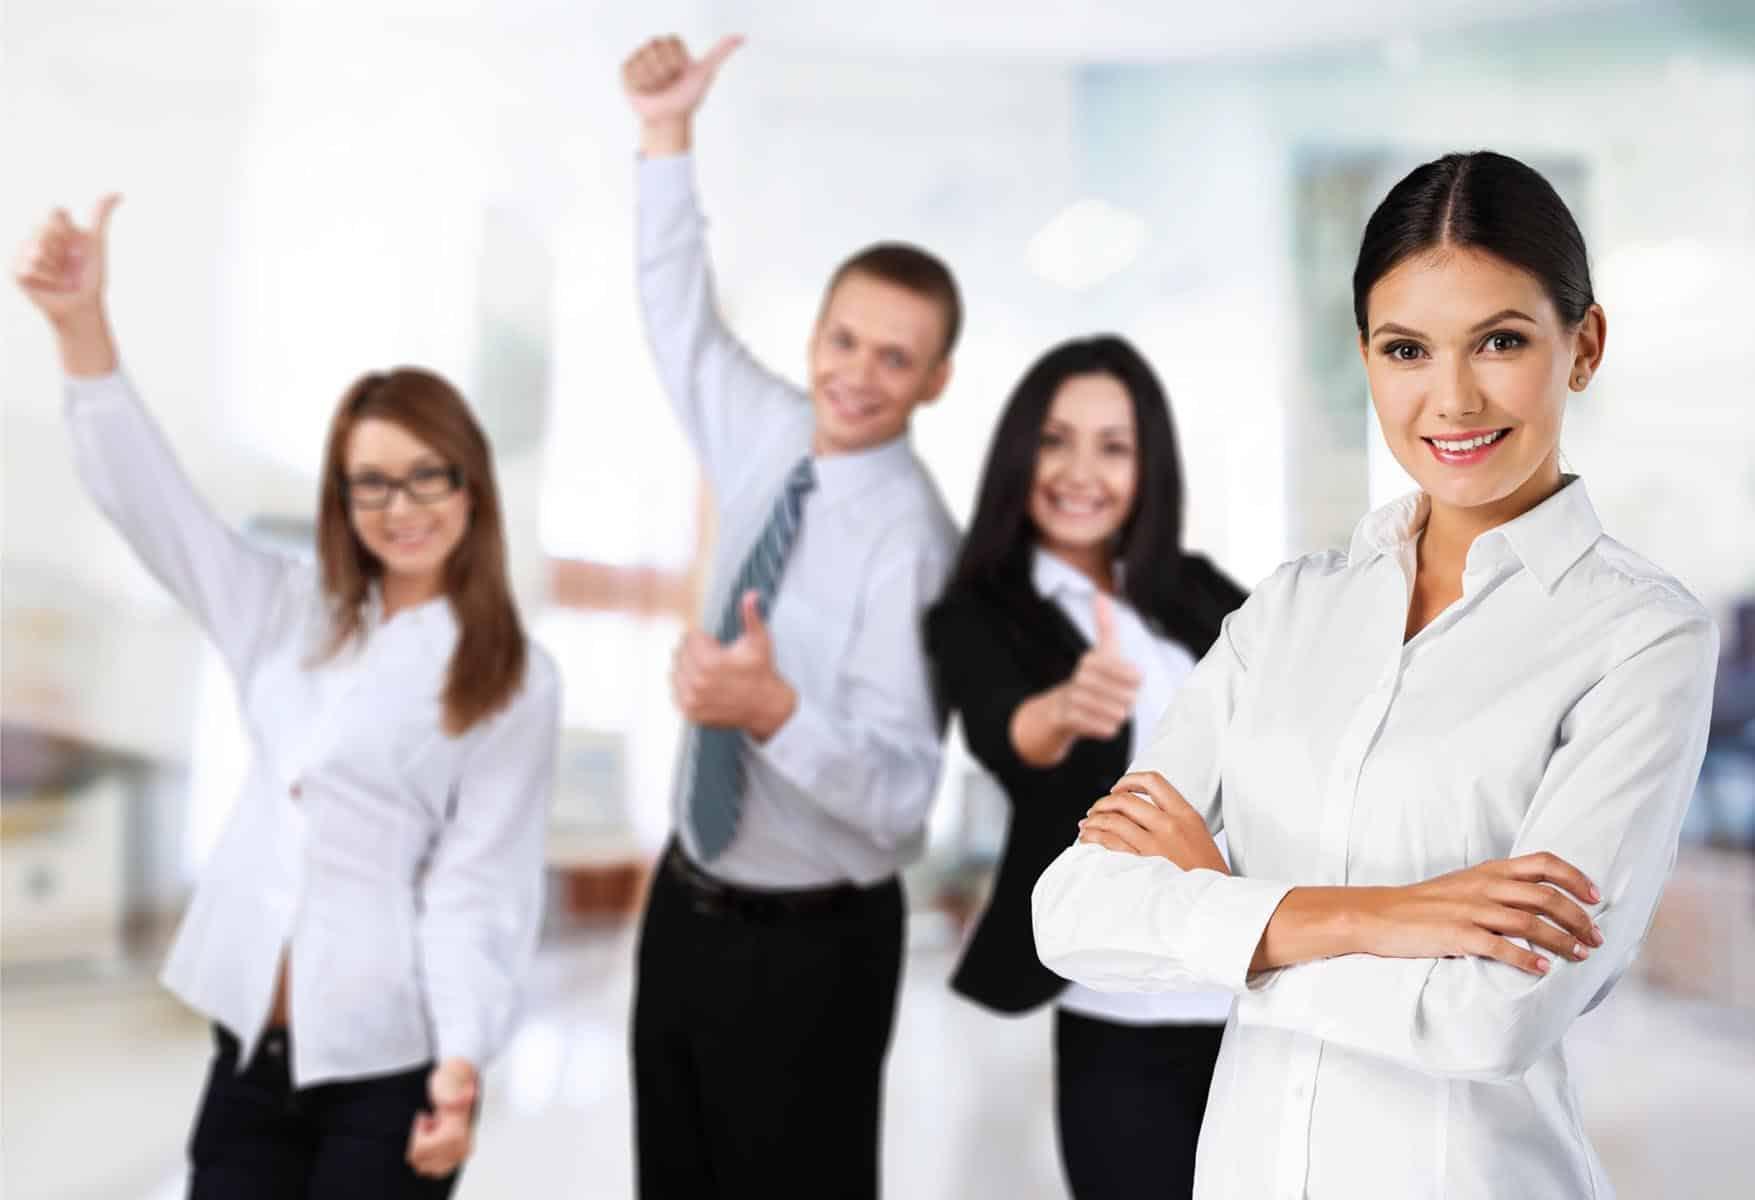 Les salariés heureux au travail